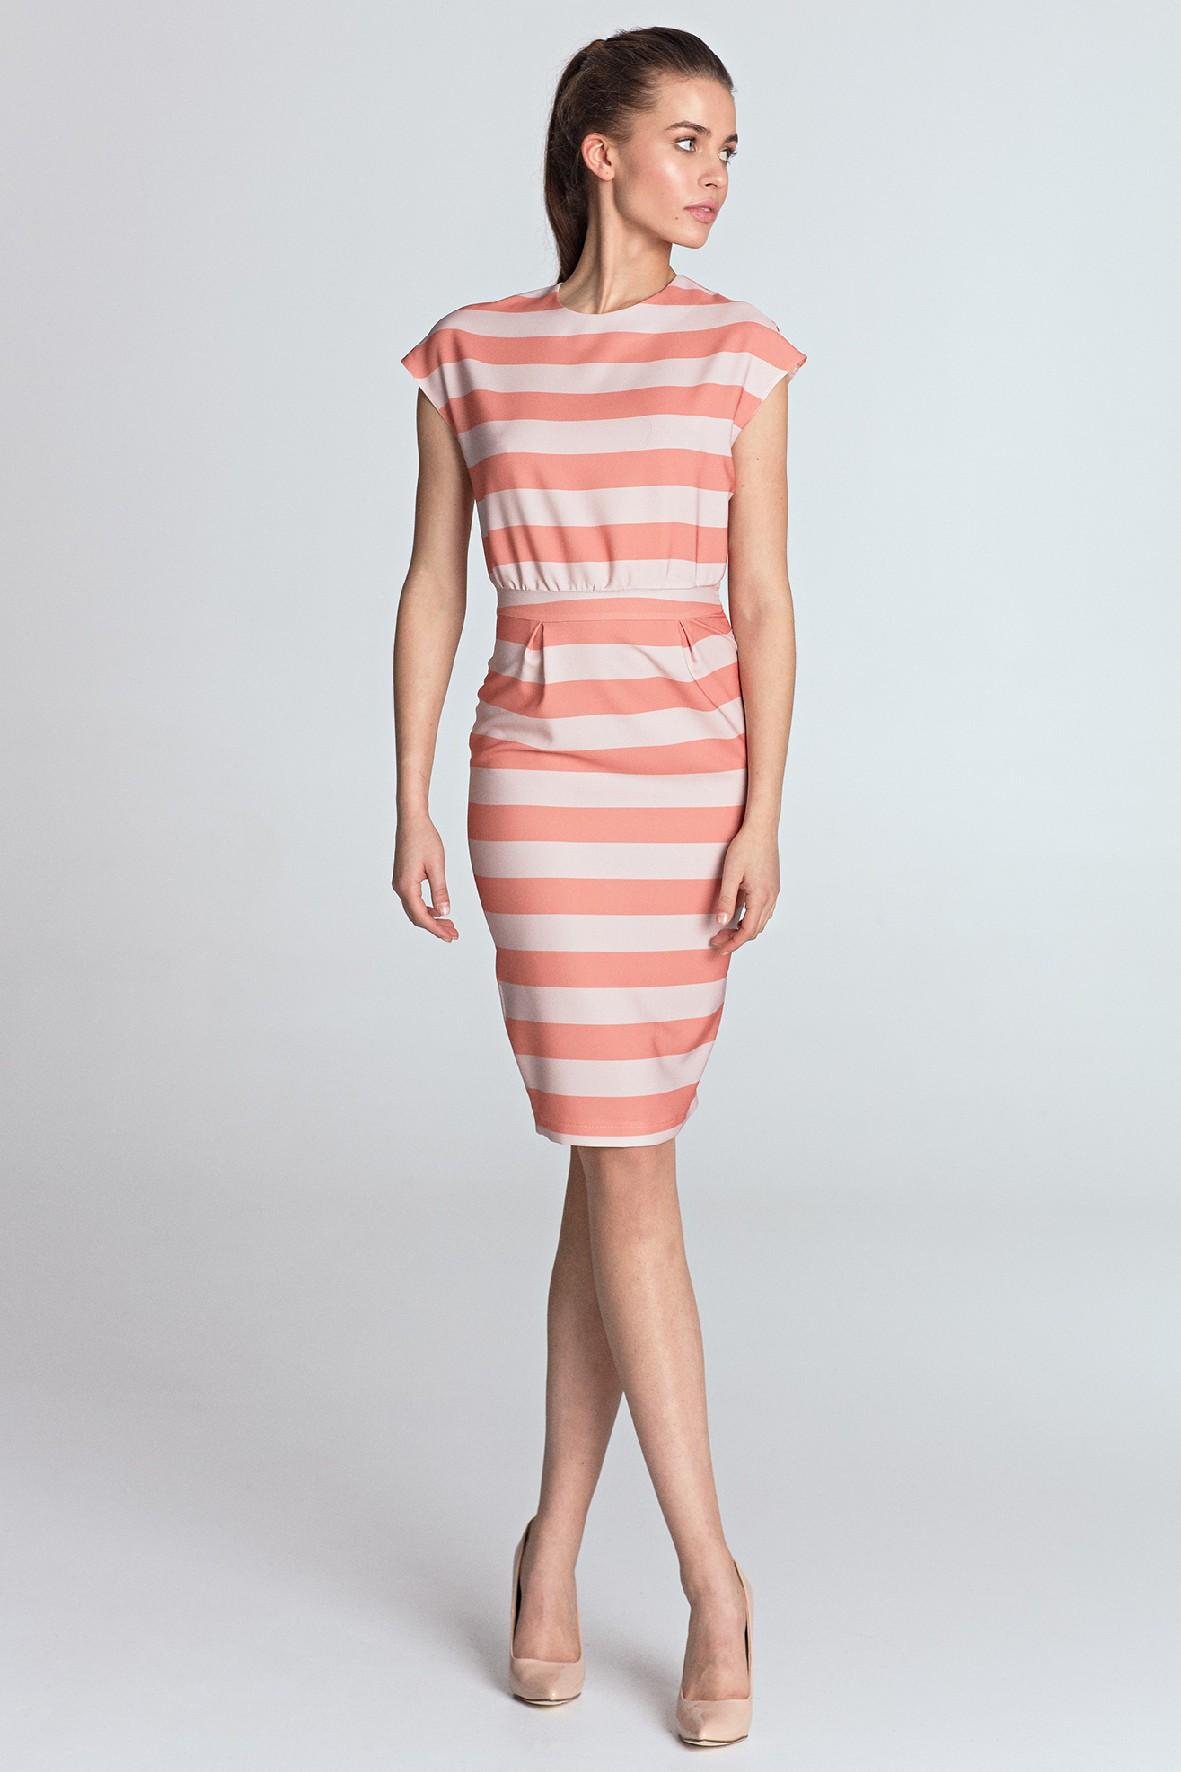 Letnia ołówkowa sukienka damska w paski